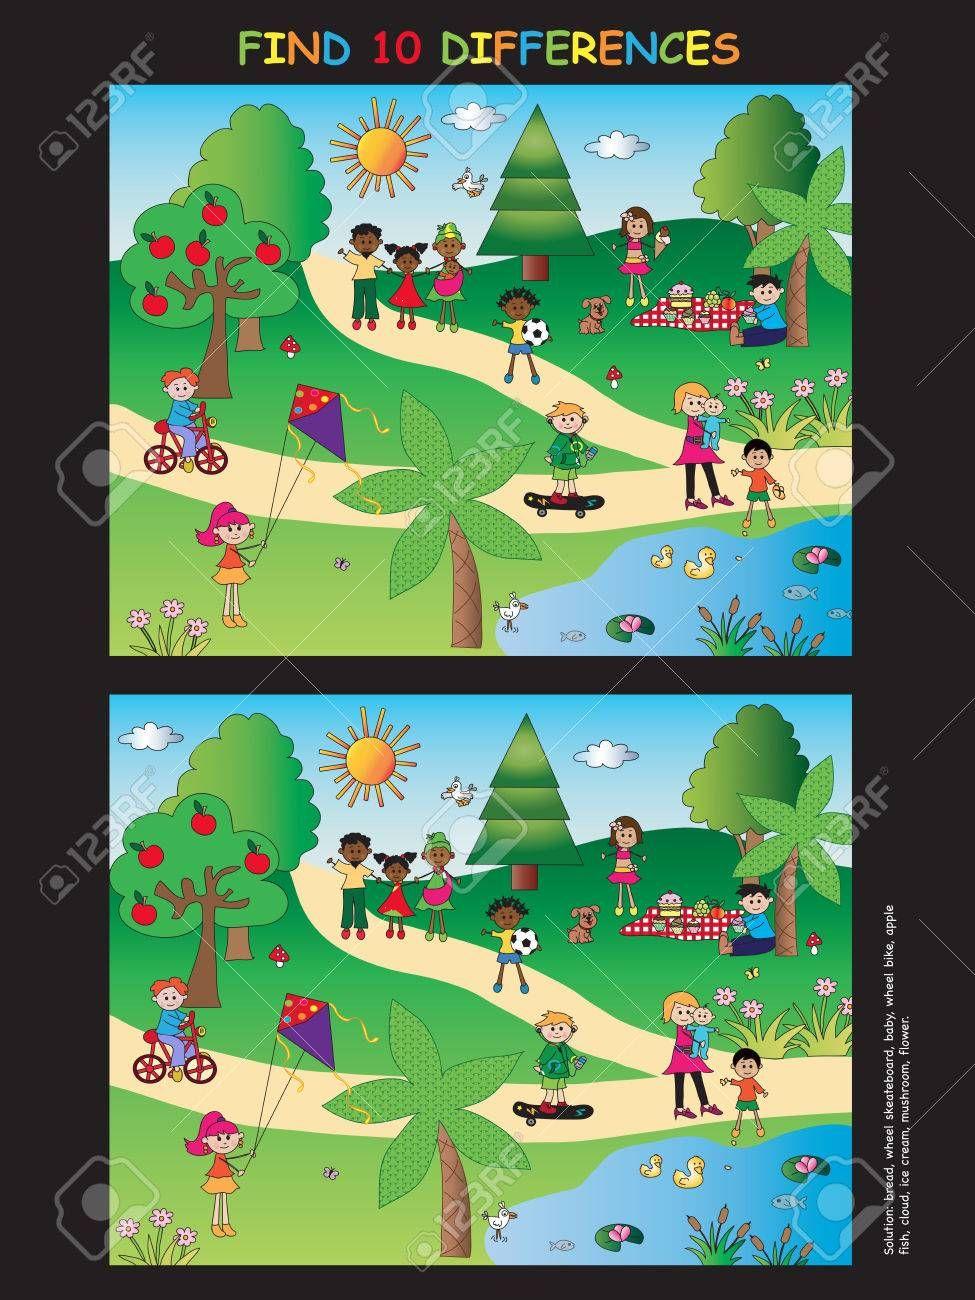 Jeux Pour Les Enfants Trouver Dix Differences Jeux Enfants Jeux Enfant